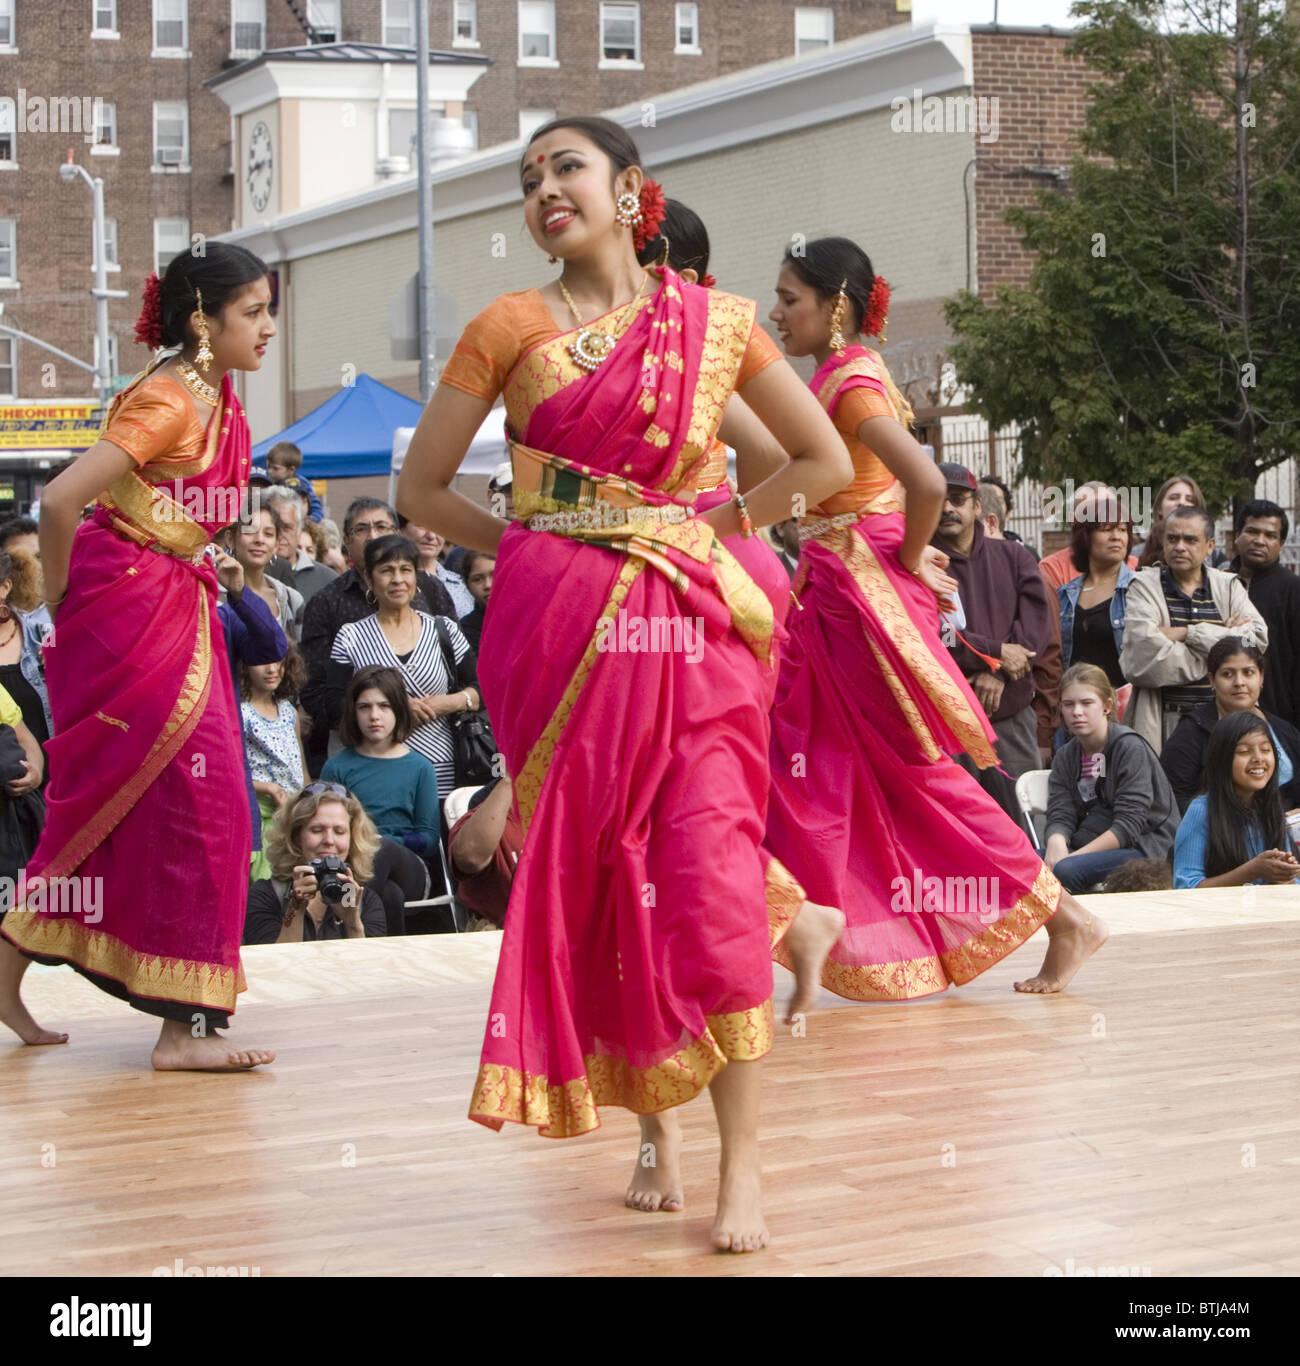 Bengalese prestazioni americano gruppo suona presso un festival per le culture del mondo a Brooklyn, New York. Immagini Stock